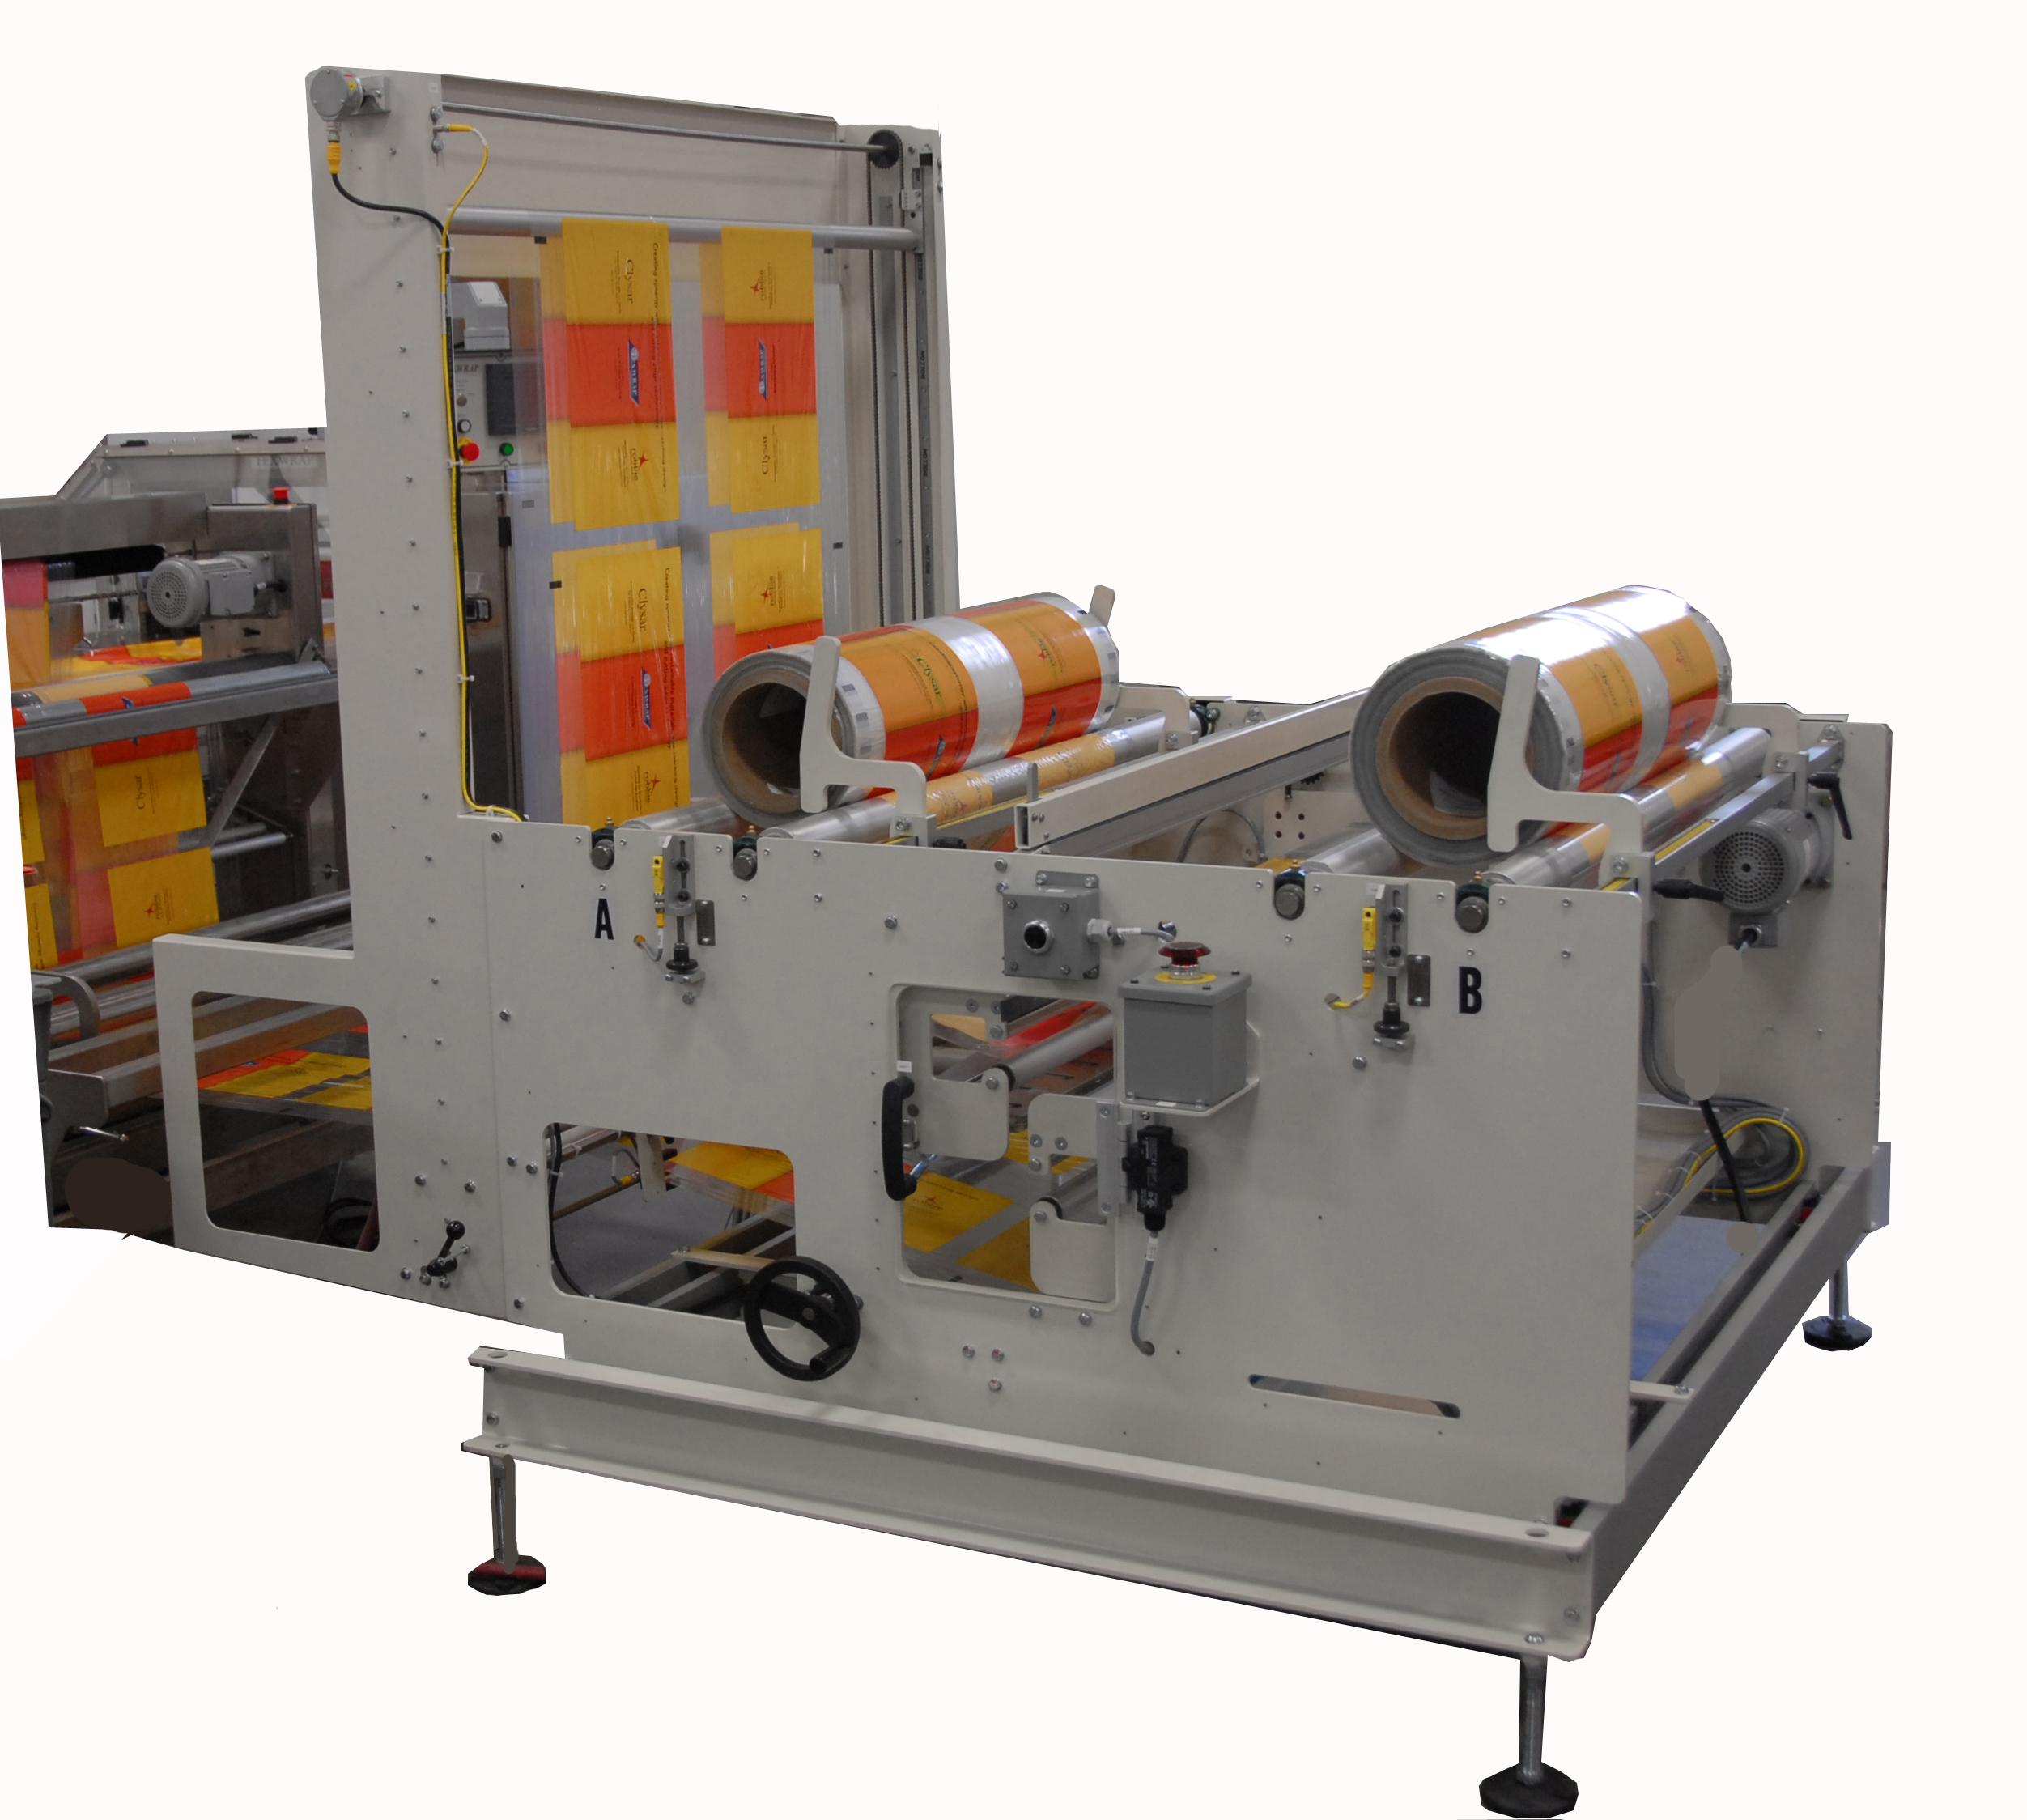 Texwrap film splicing system